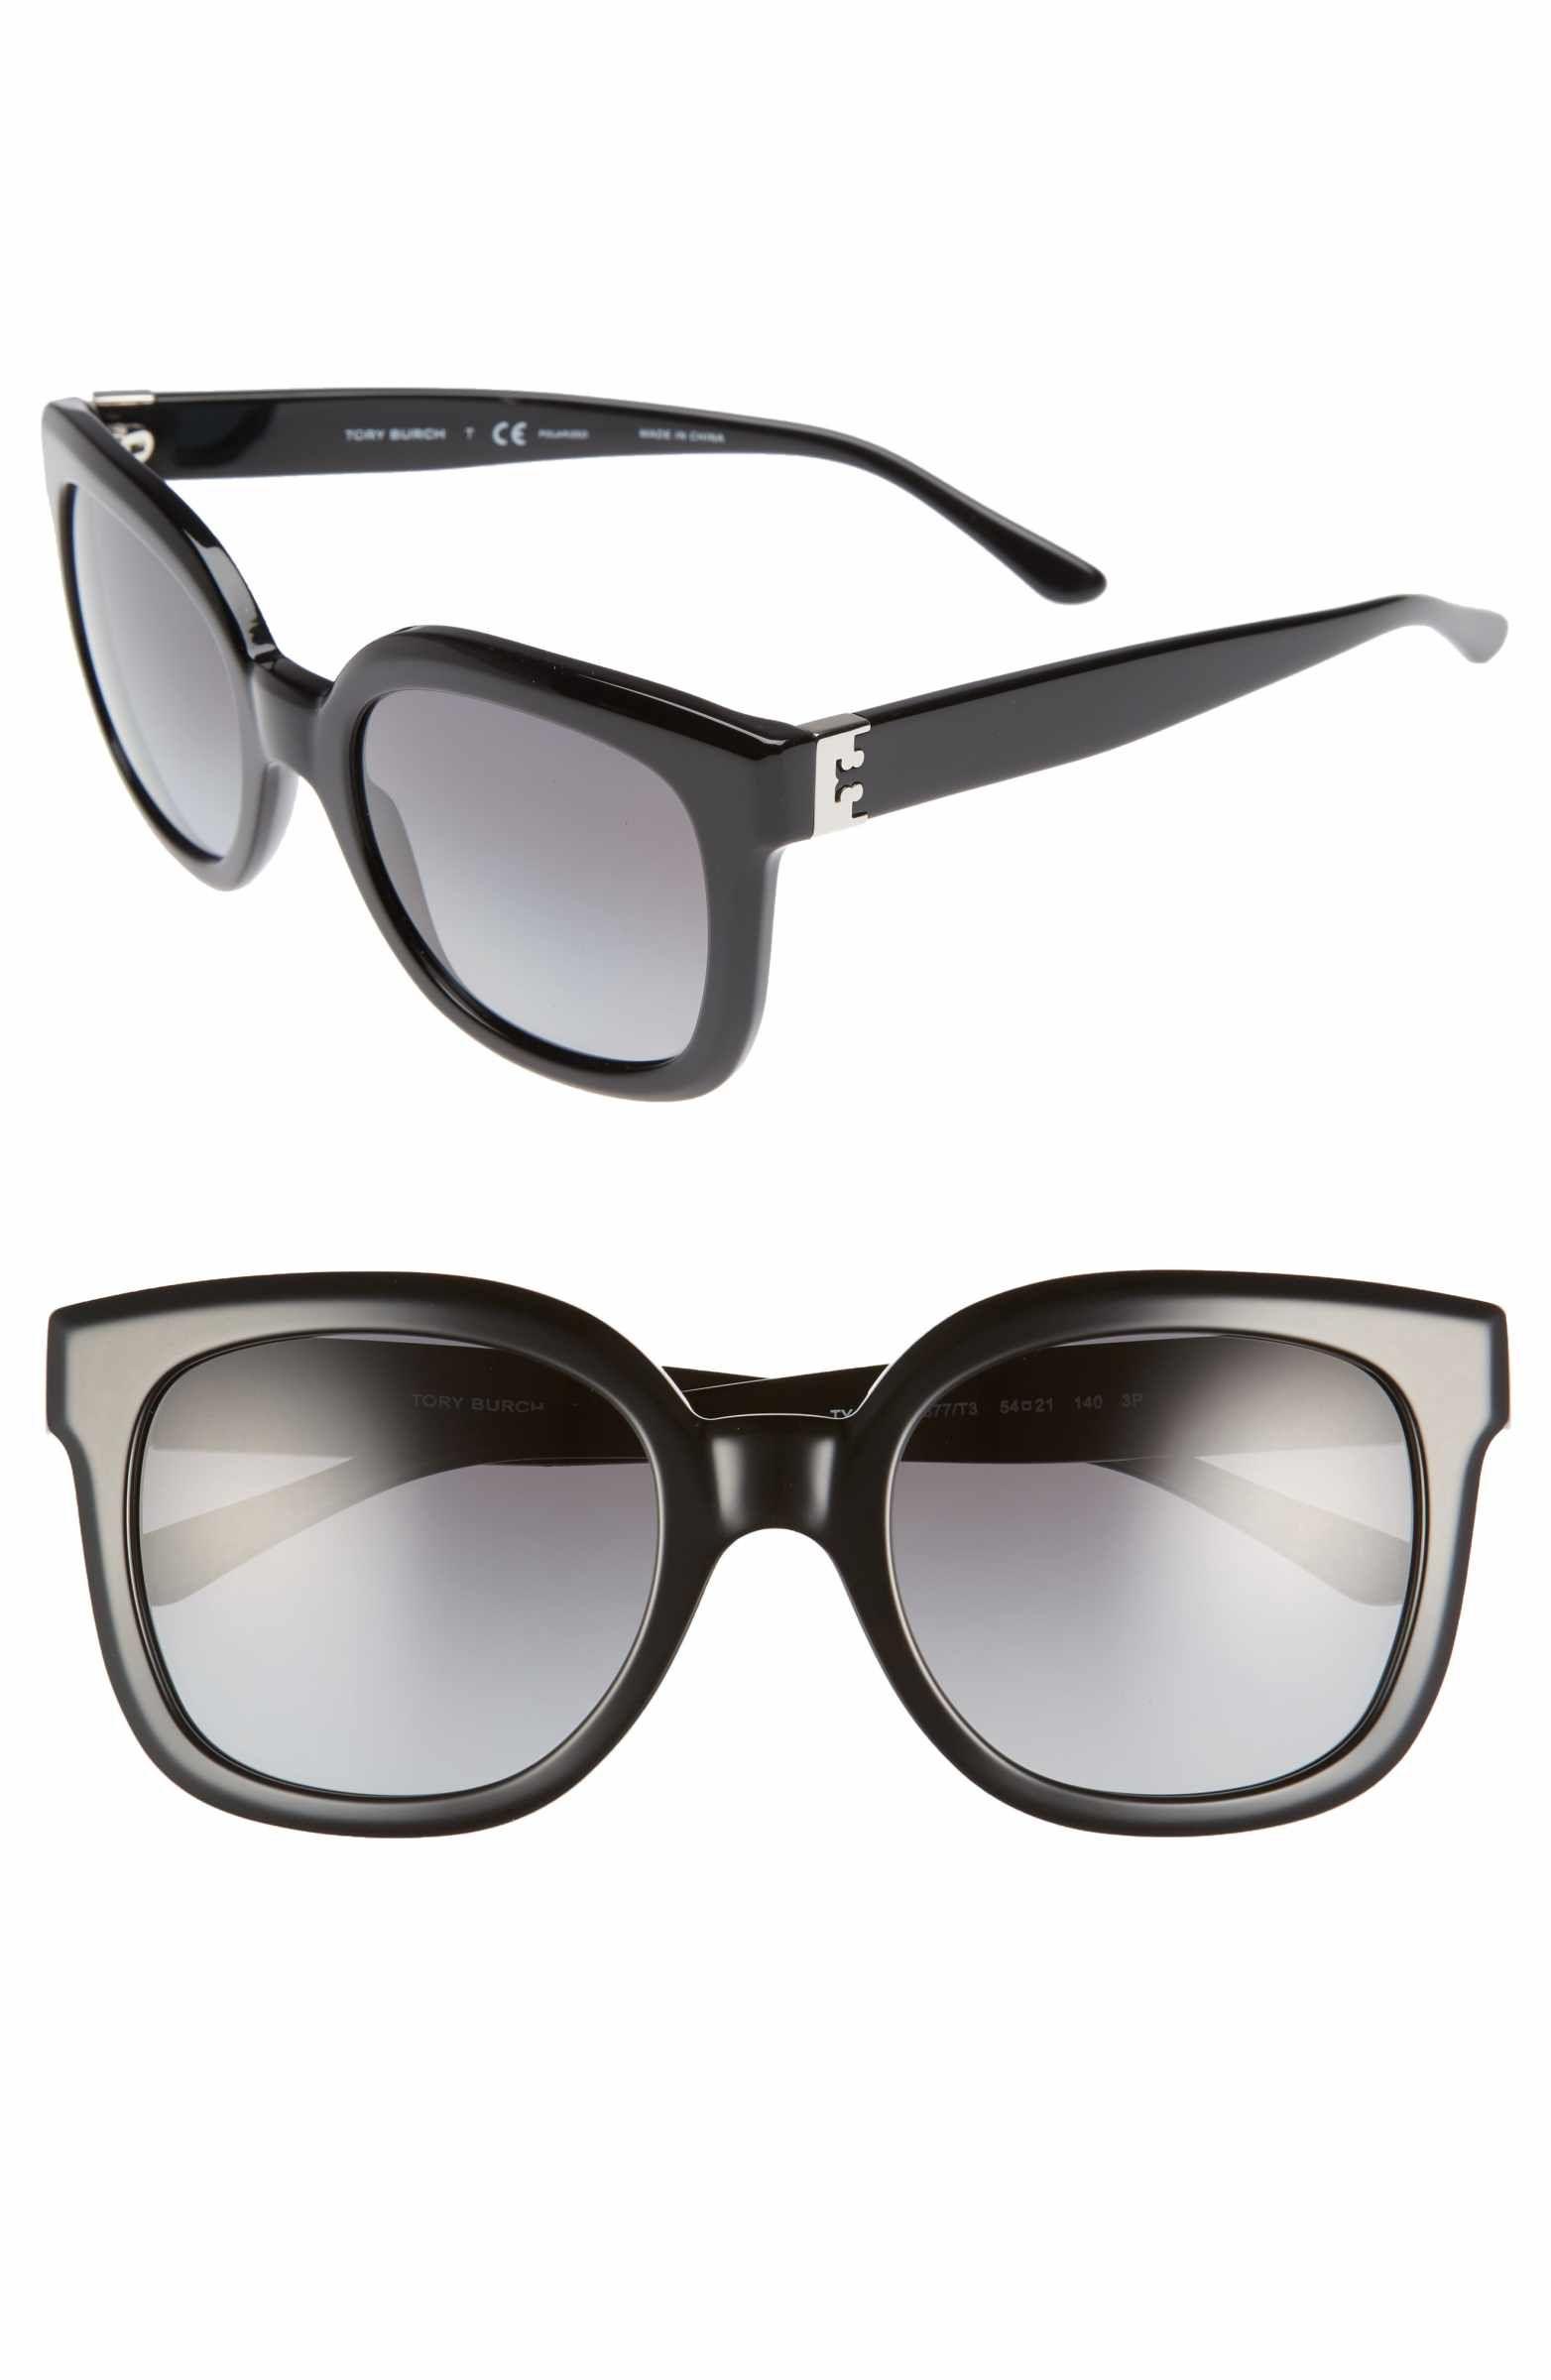 4607e92d12a85 Main Image - Tory Burch Modern-T 54mm Gradient Cat Eye Sunglasses ...